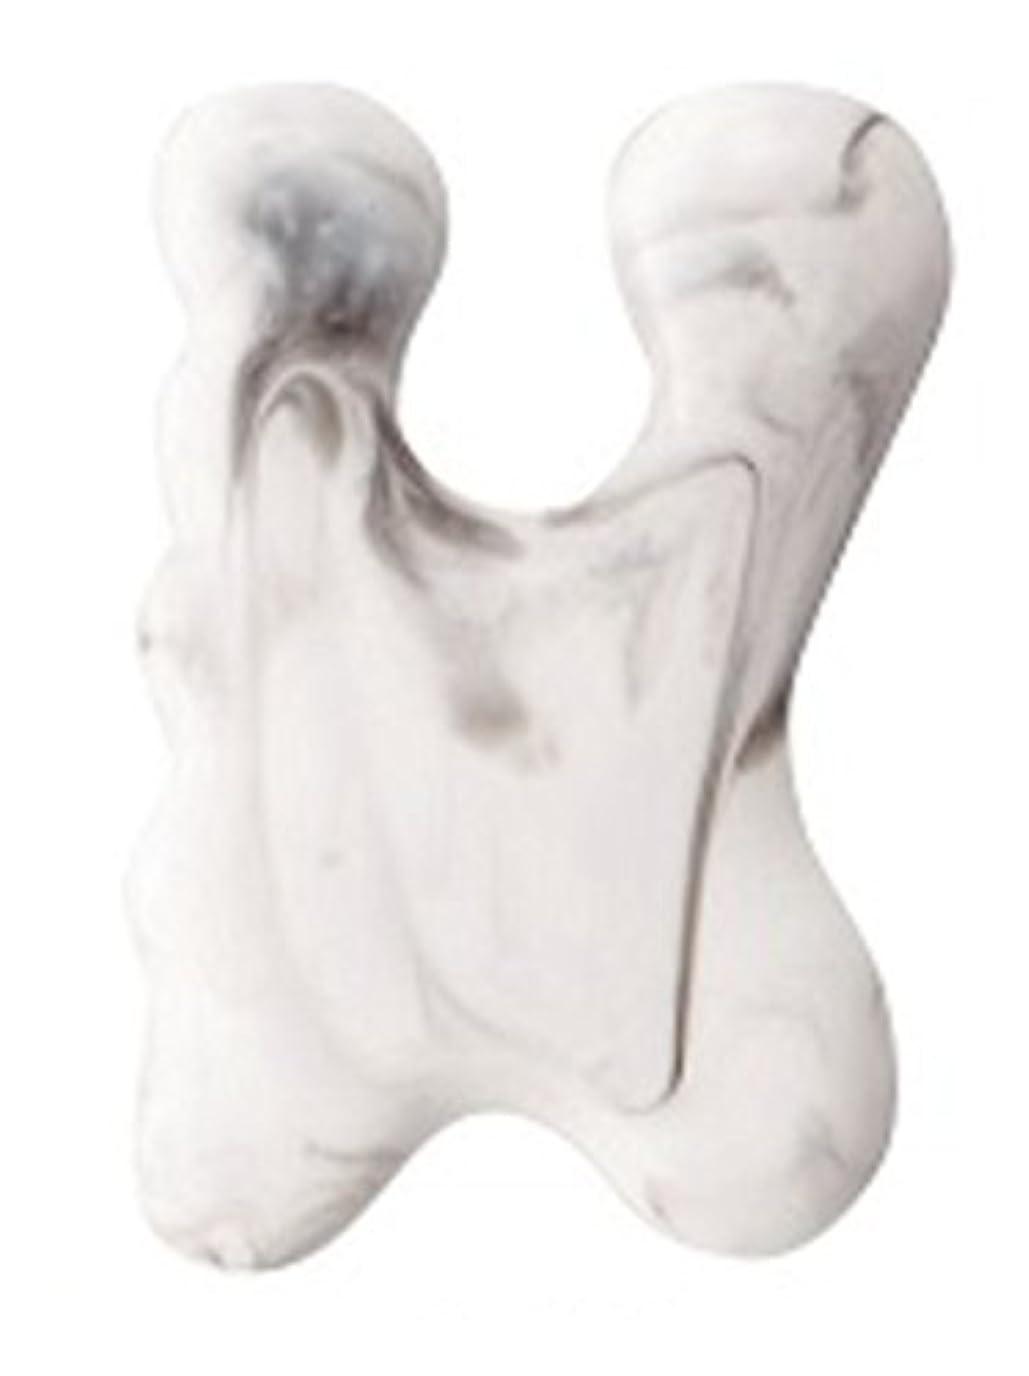 教育学識別ハンディカッサプレート マッサージプレート 顔 目元 眉間 手足のツボ 腕 首 特殊な形状がお肌にフィット